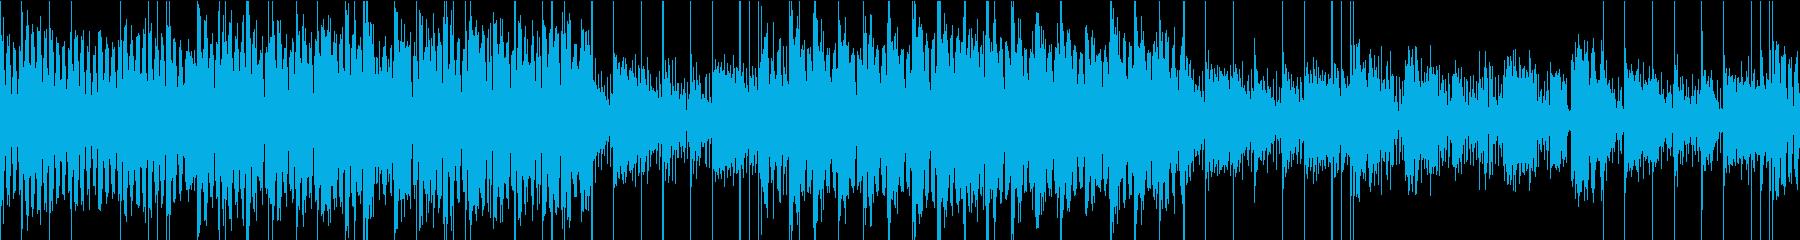 浮遊感のある無機質でクールなテクノの再生済みの波形